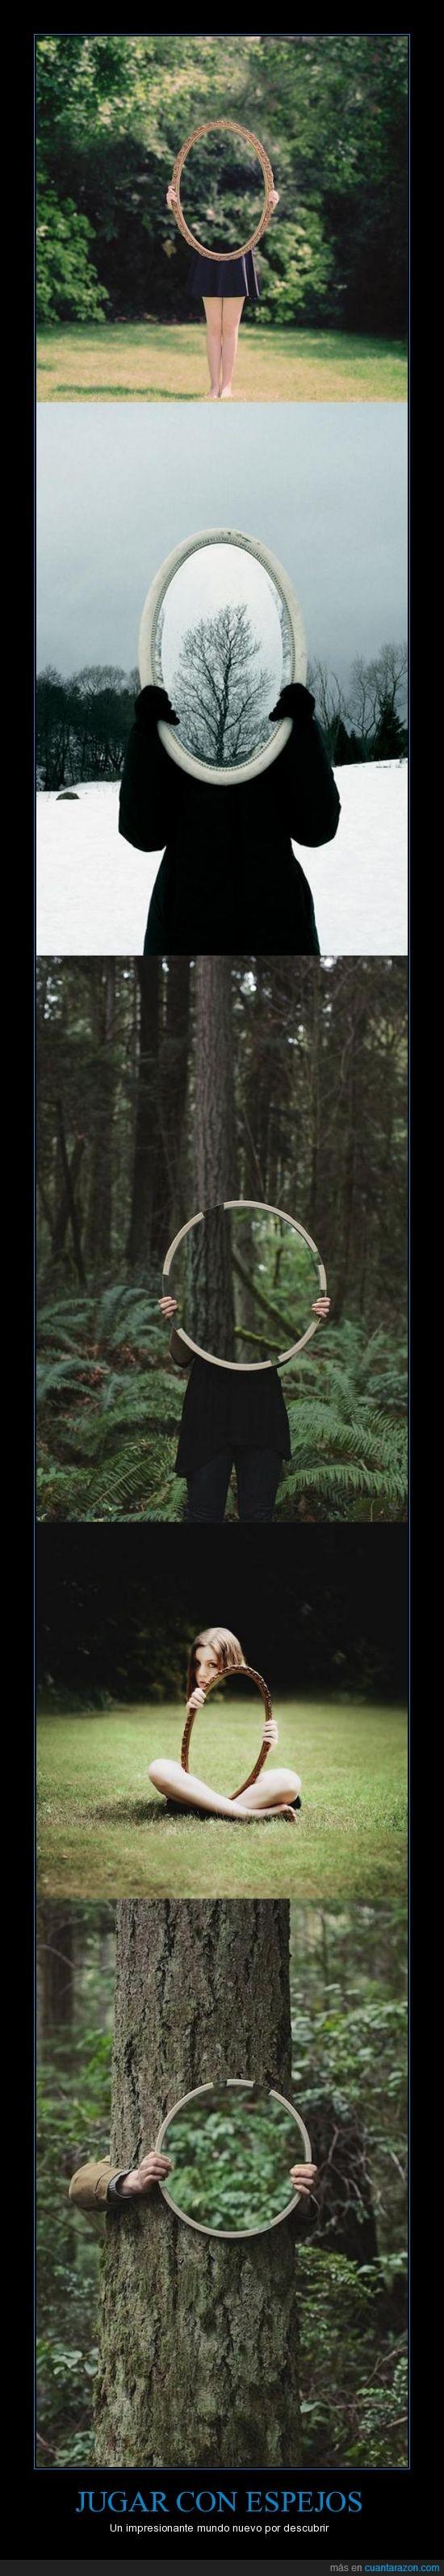 descubrir,espejos,jugar,mundo,nuevo